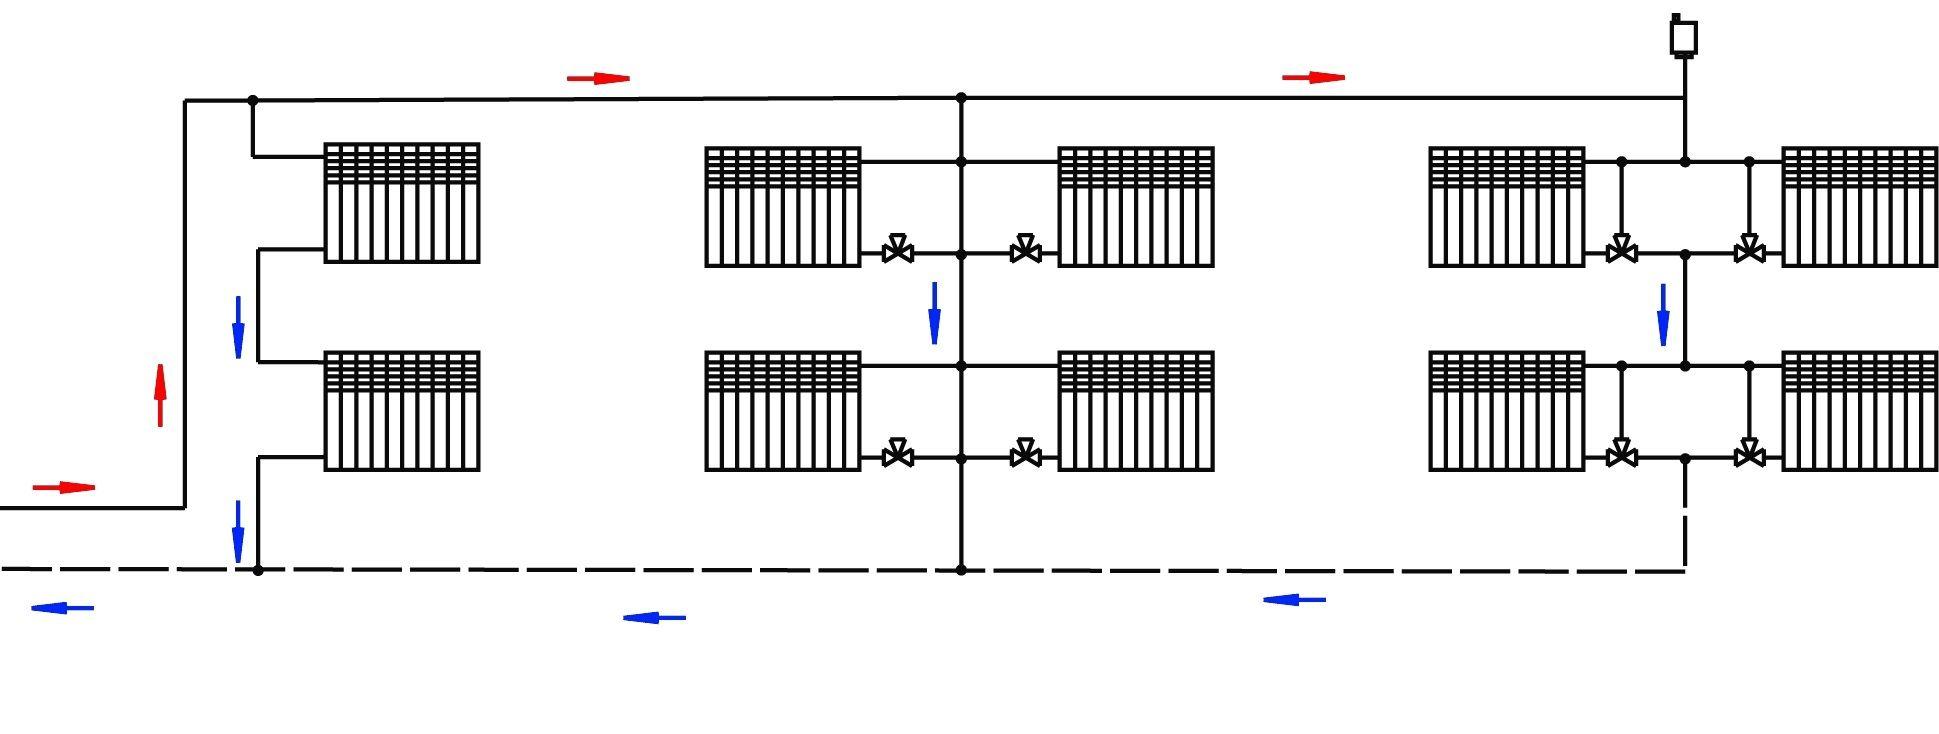 Rohrleitungen im Heizraum. Prinzip der erzwungenen Zirkulation ...